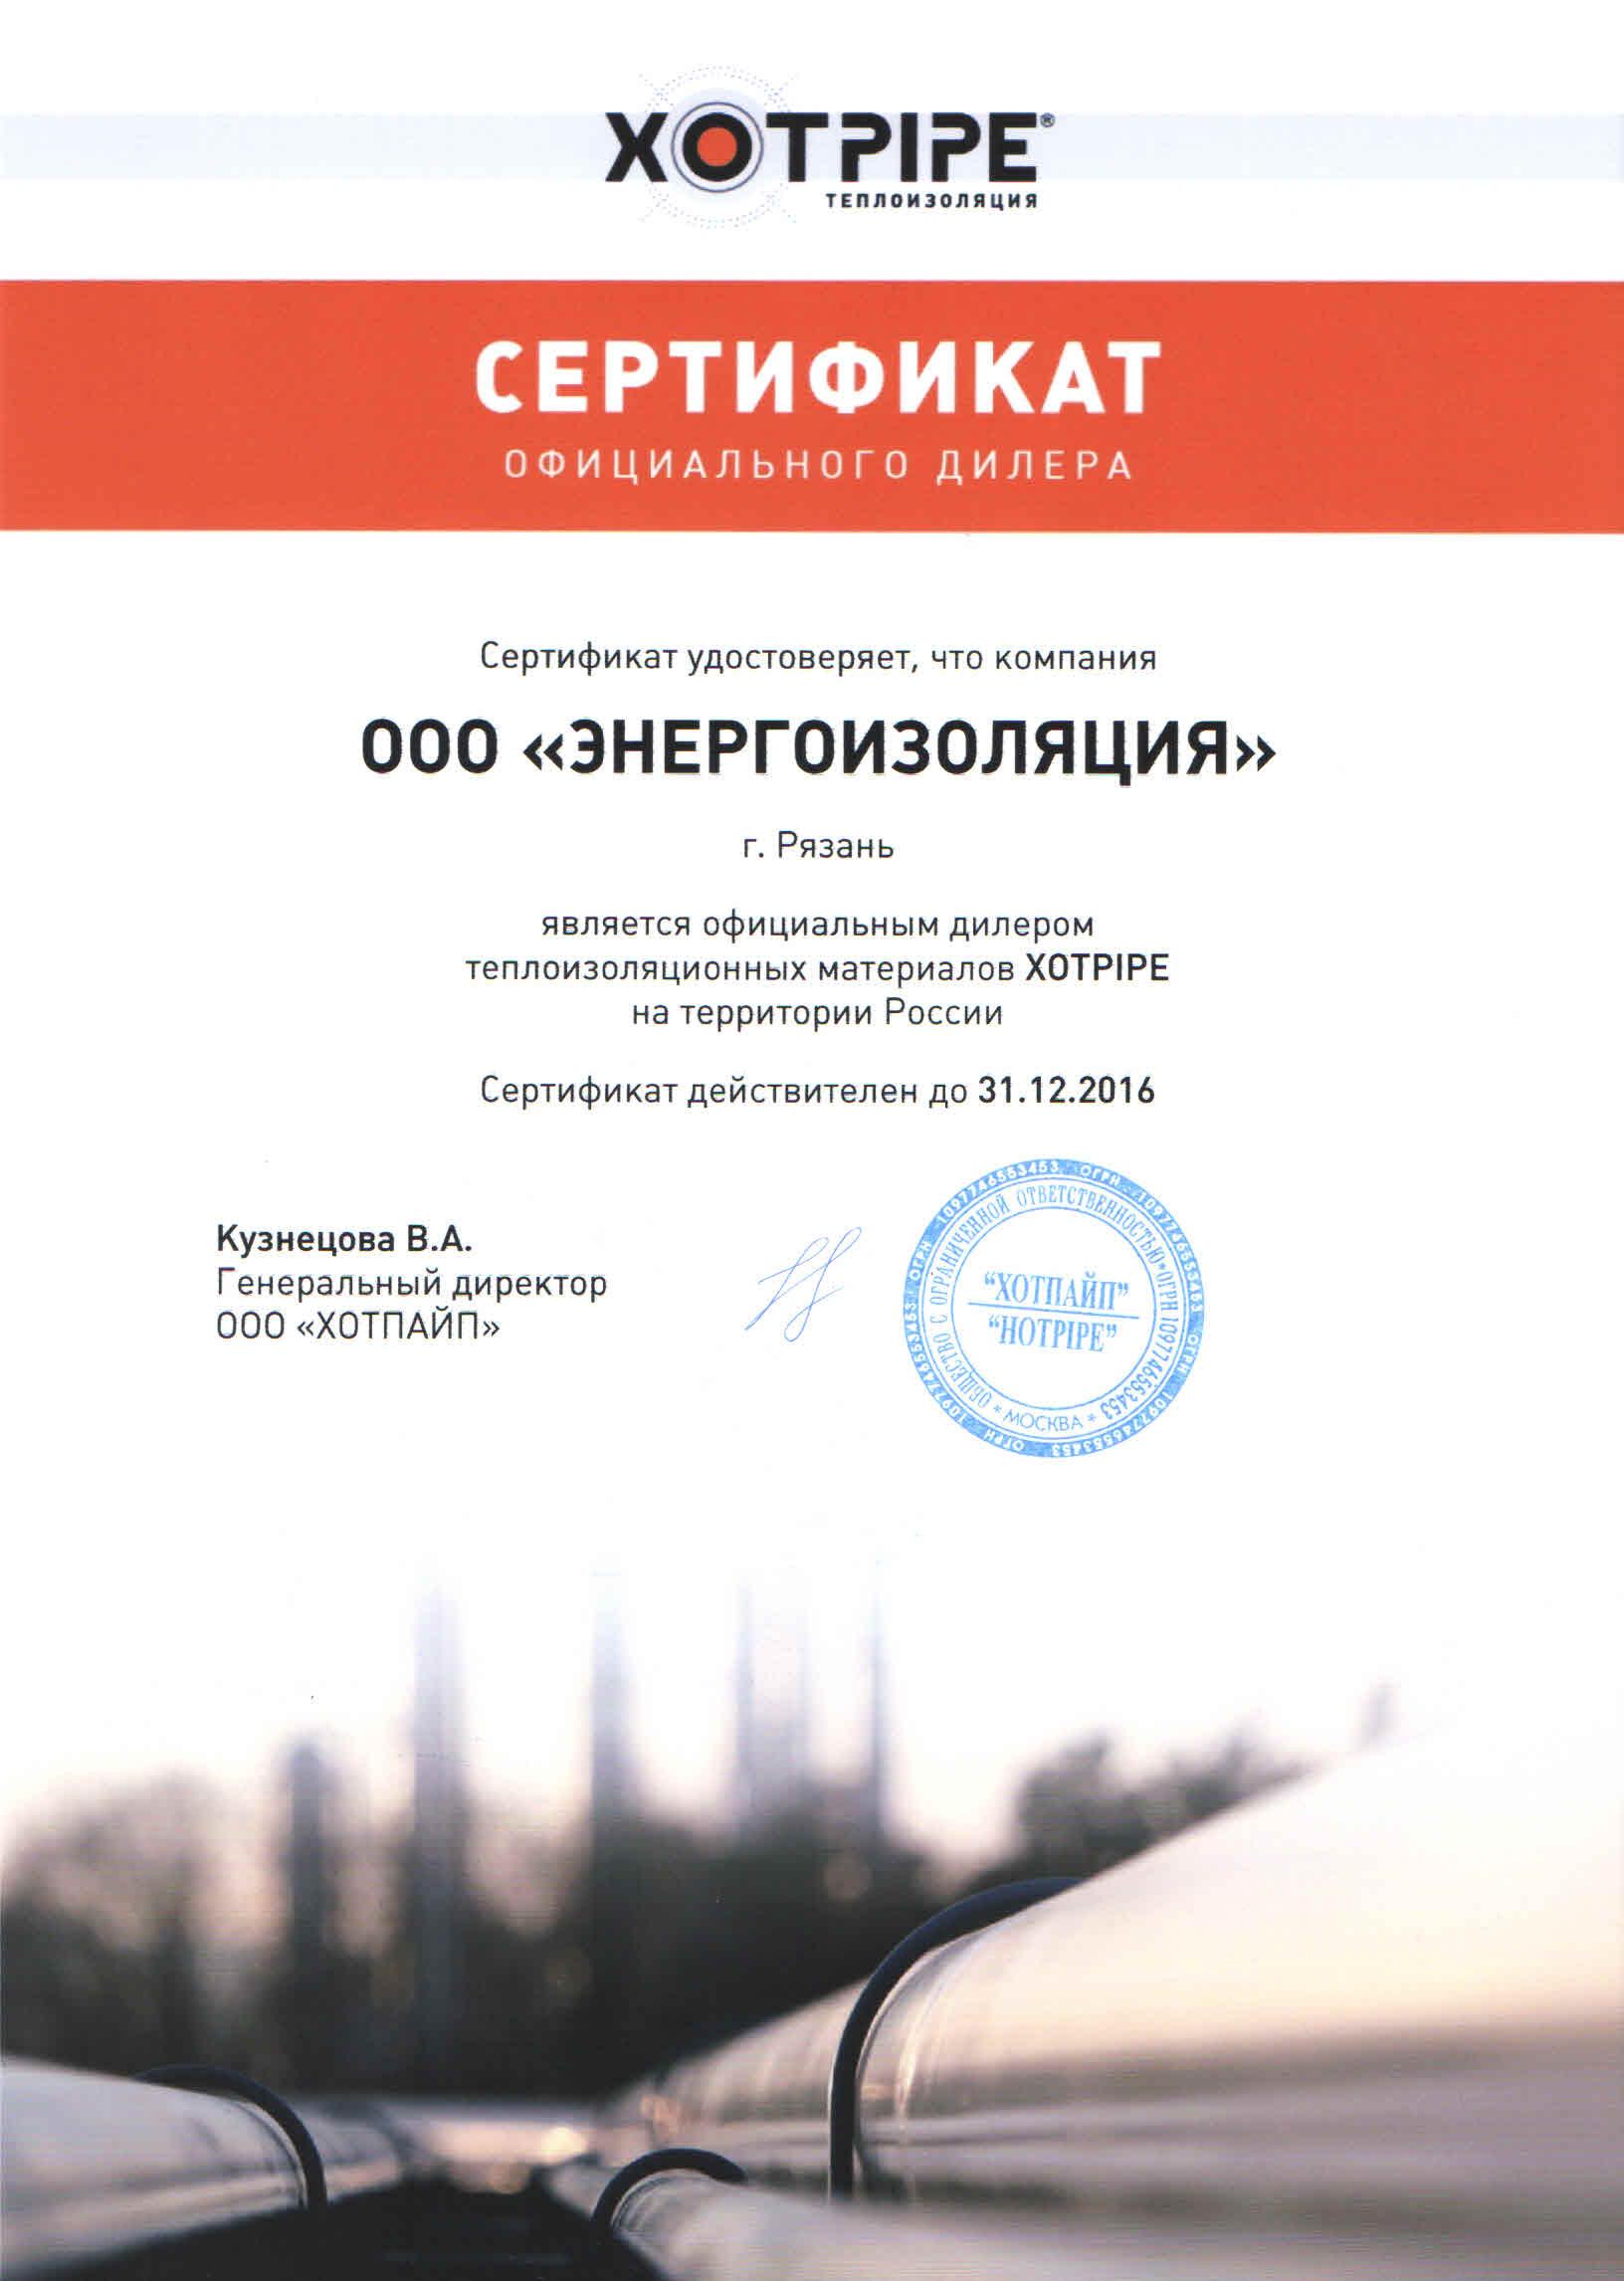 Сертификат официального дилера ХОТПАЙП компания ЭнергоИзоляция на 2016 год